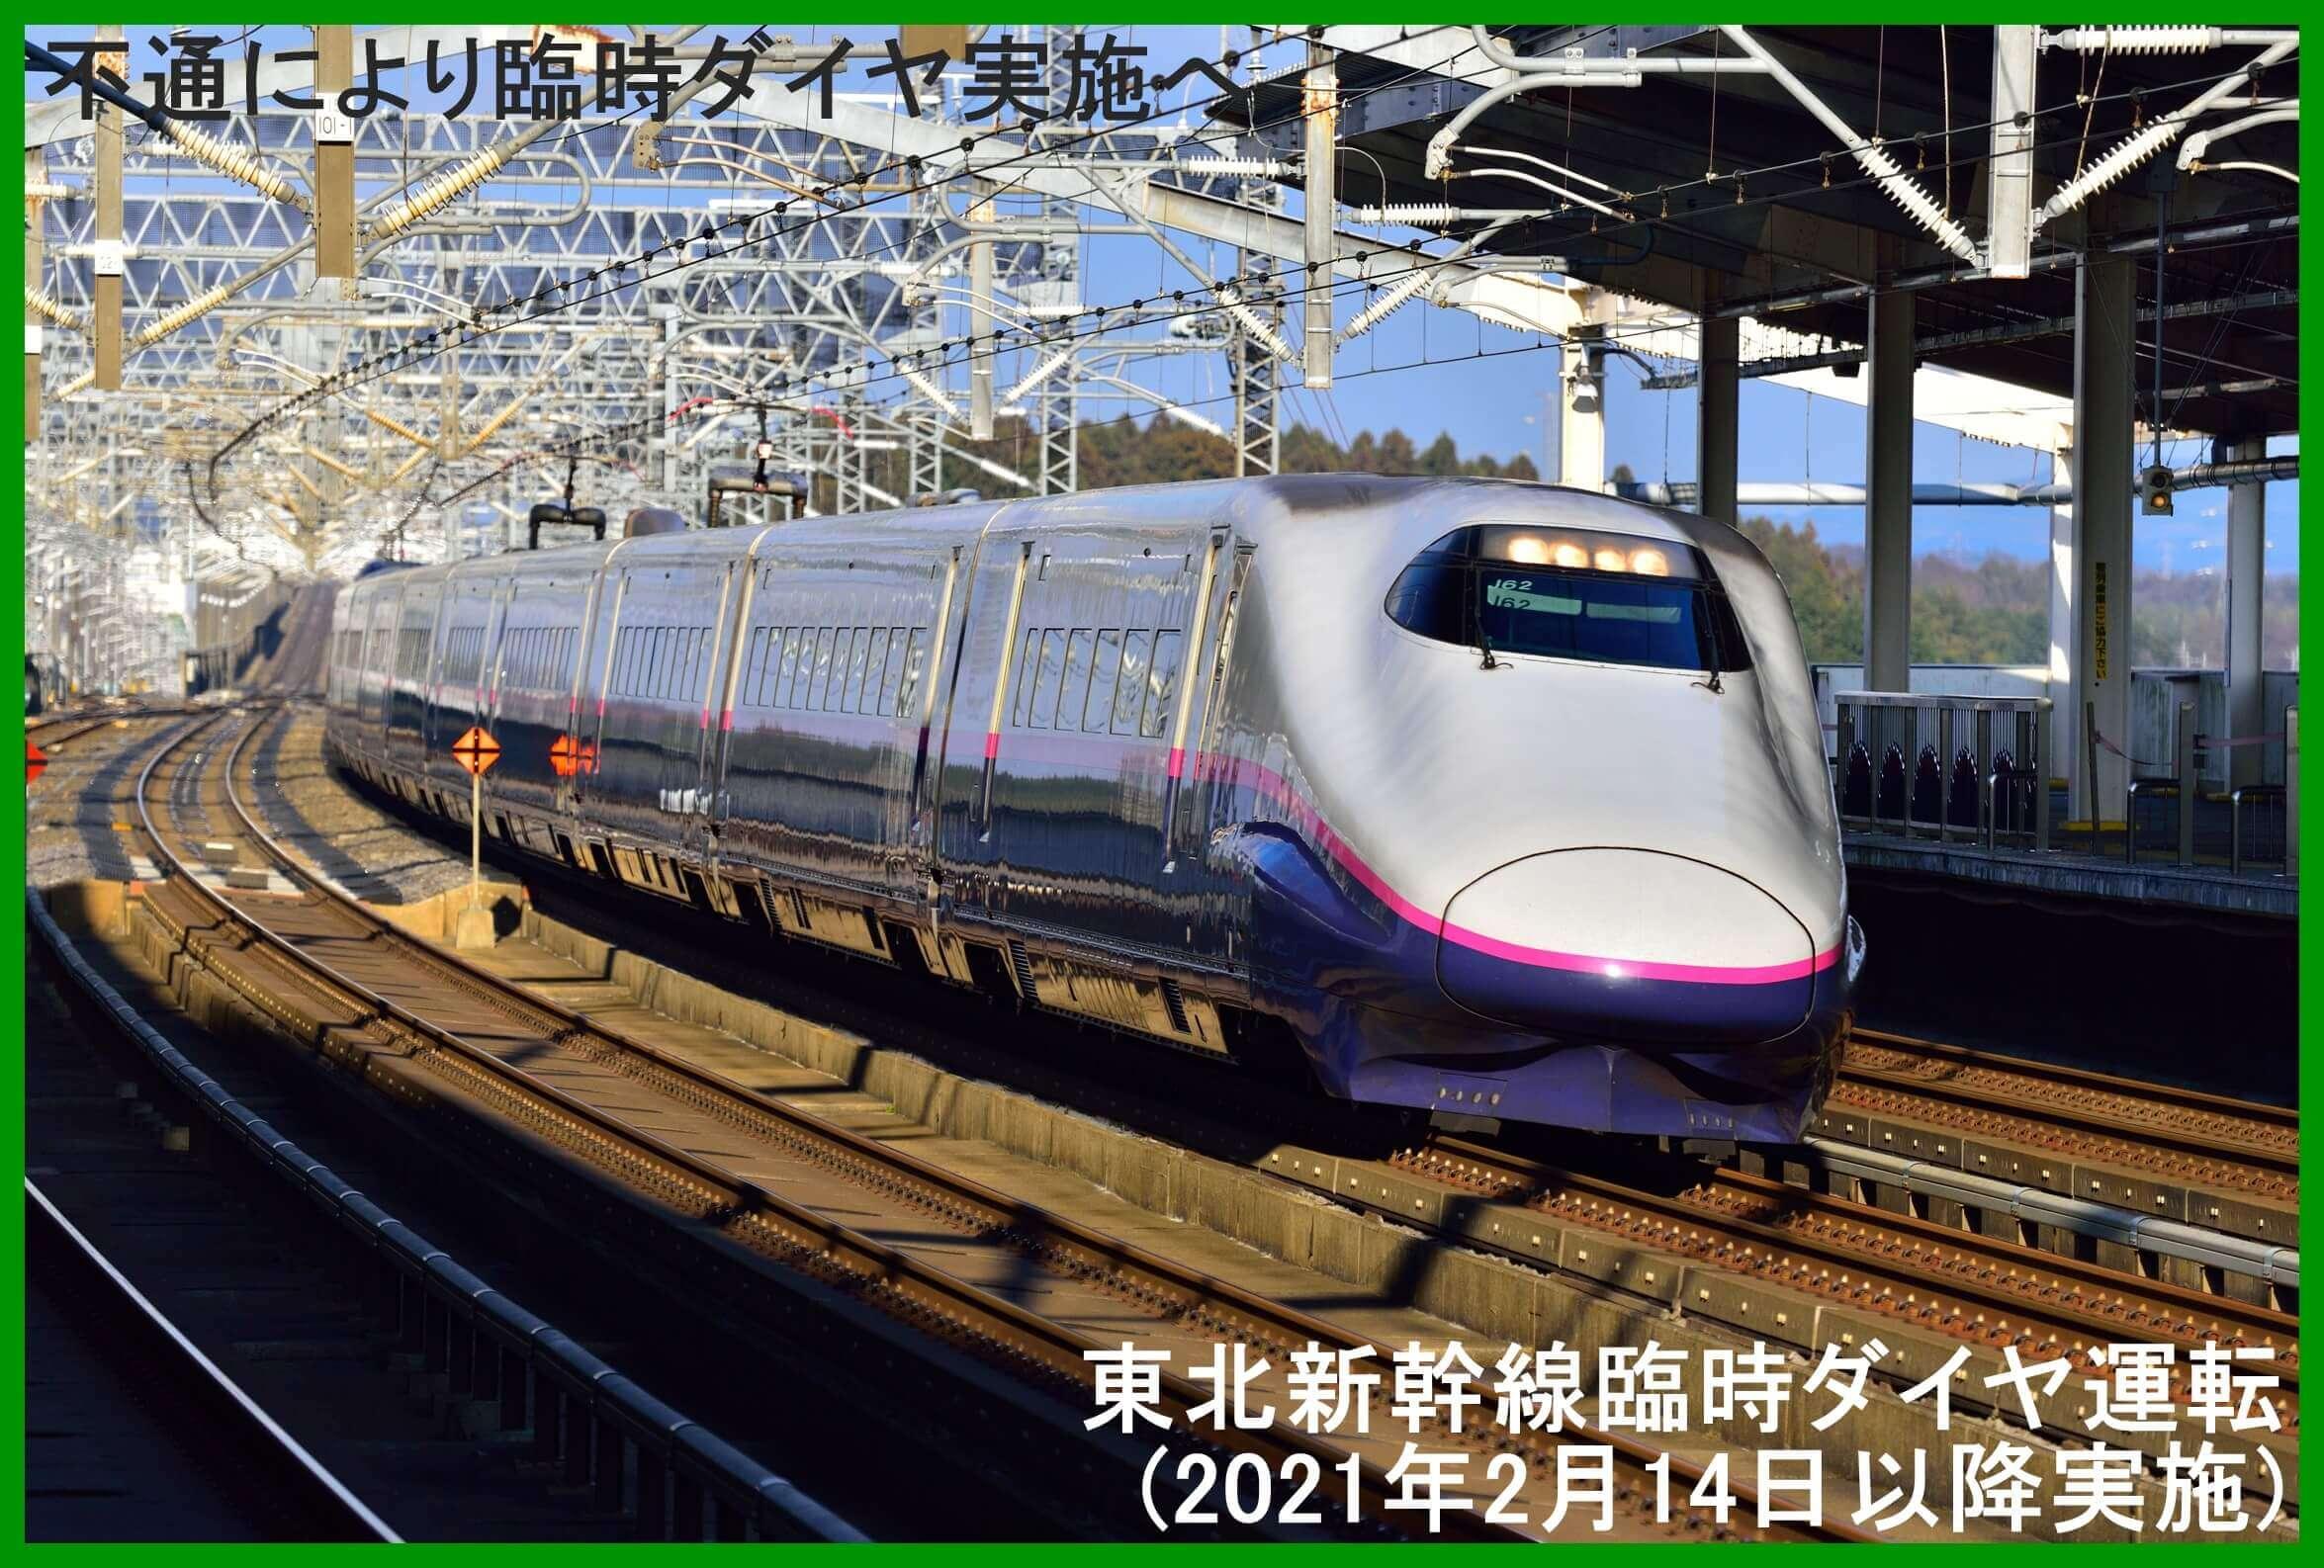 復旧 東北 見込み 新幹線 JR東日本、東北新幹線2/24全線運転再開へ